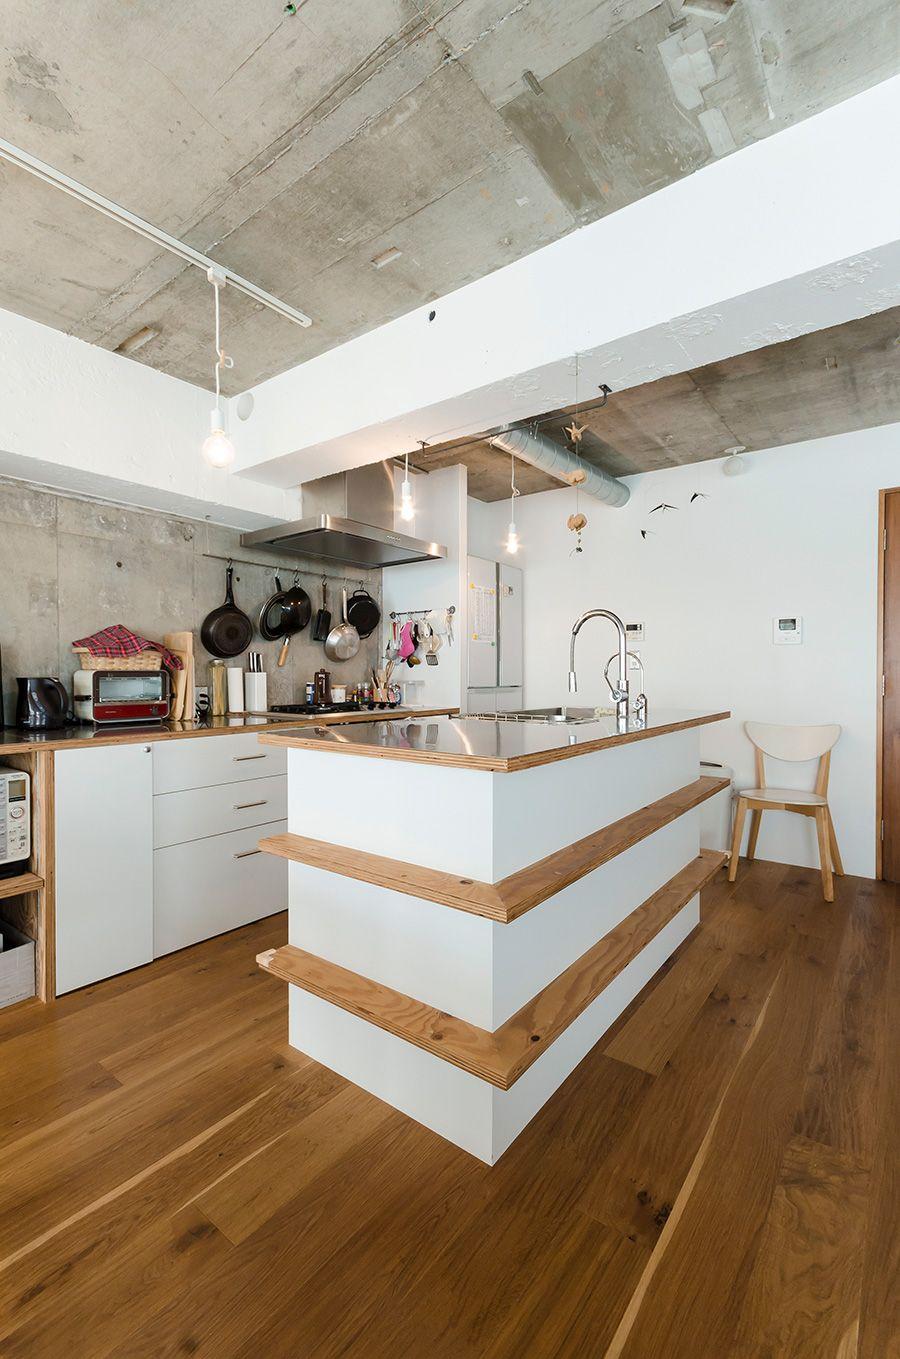 アイランドキッチンにはラーチ合板の飾り板をプラスした アウトドアリビング 自宅で リビング